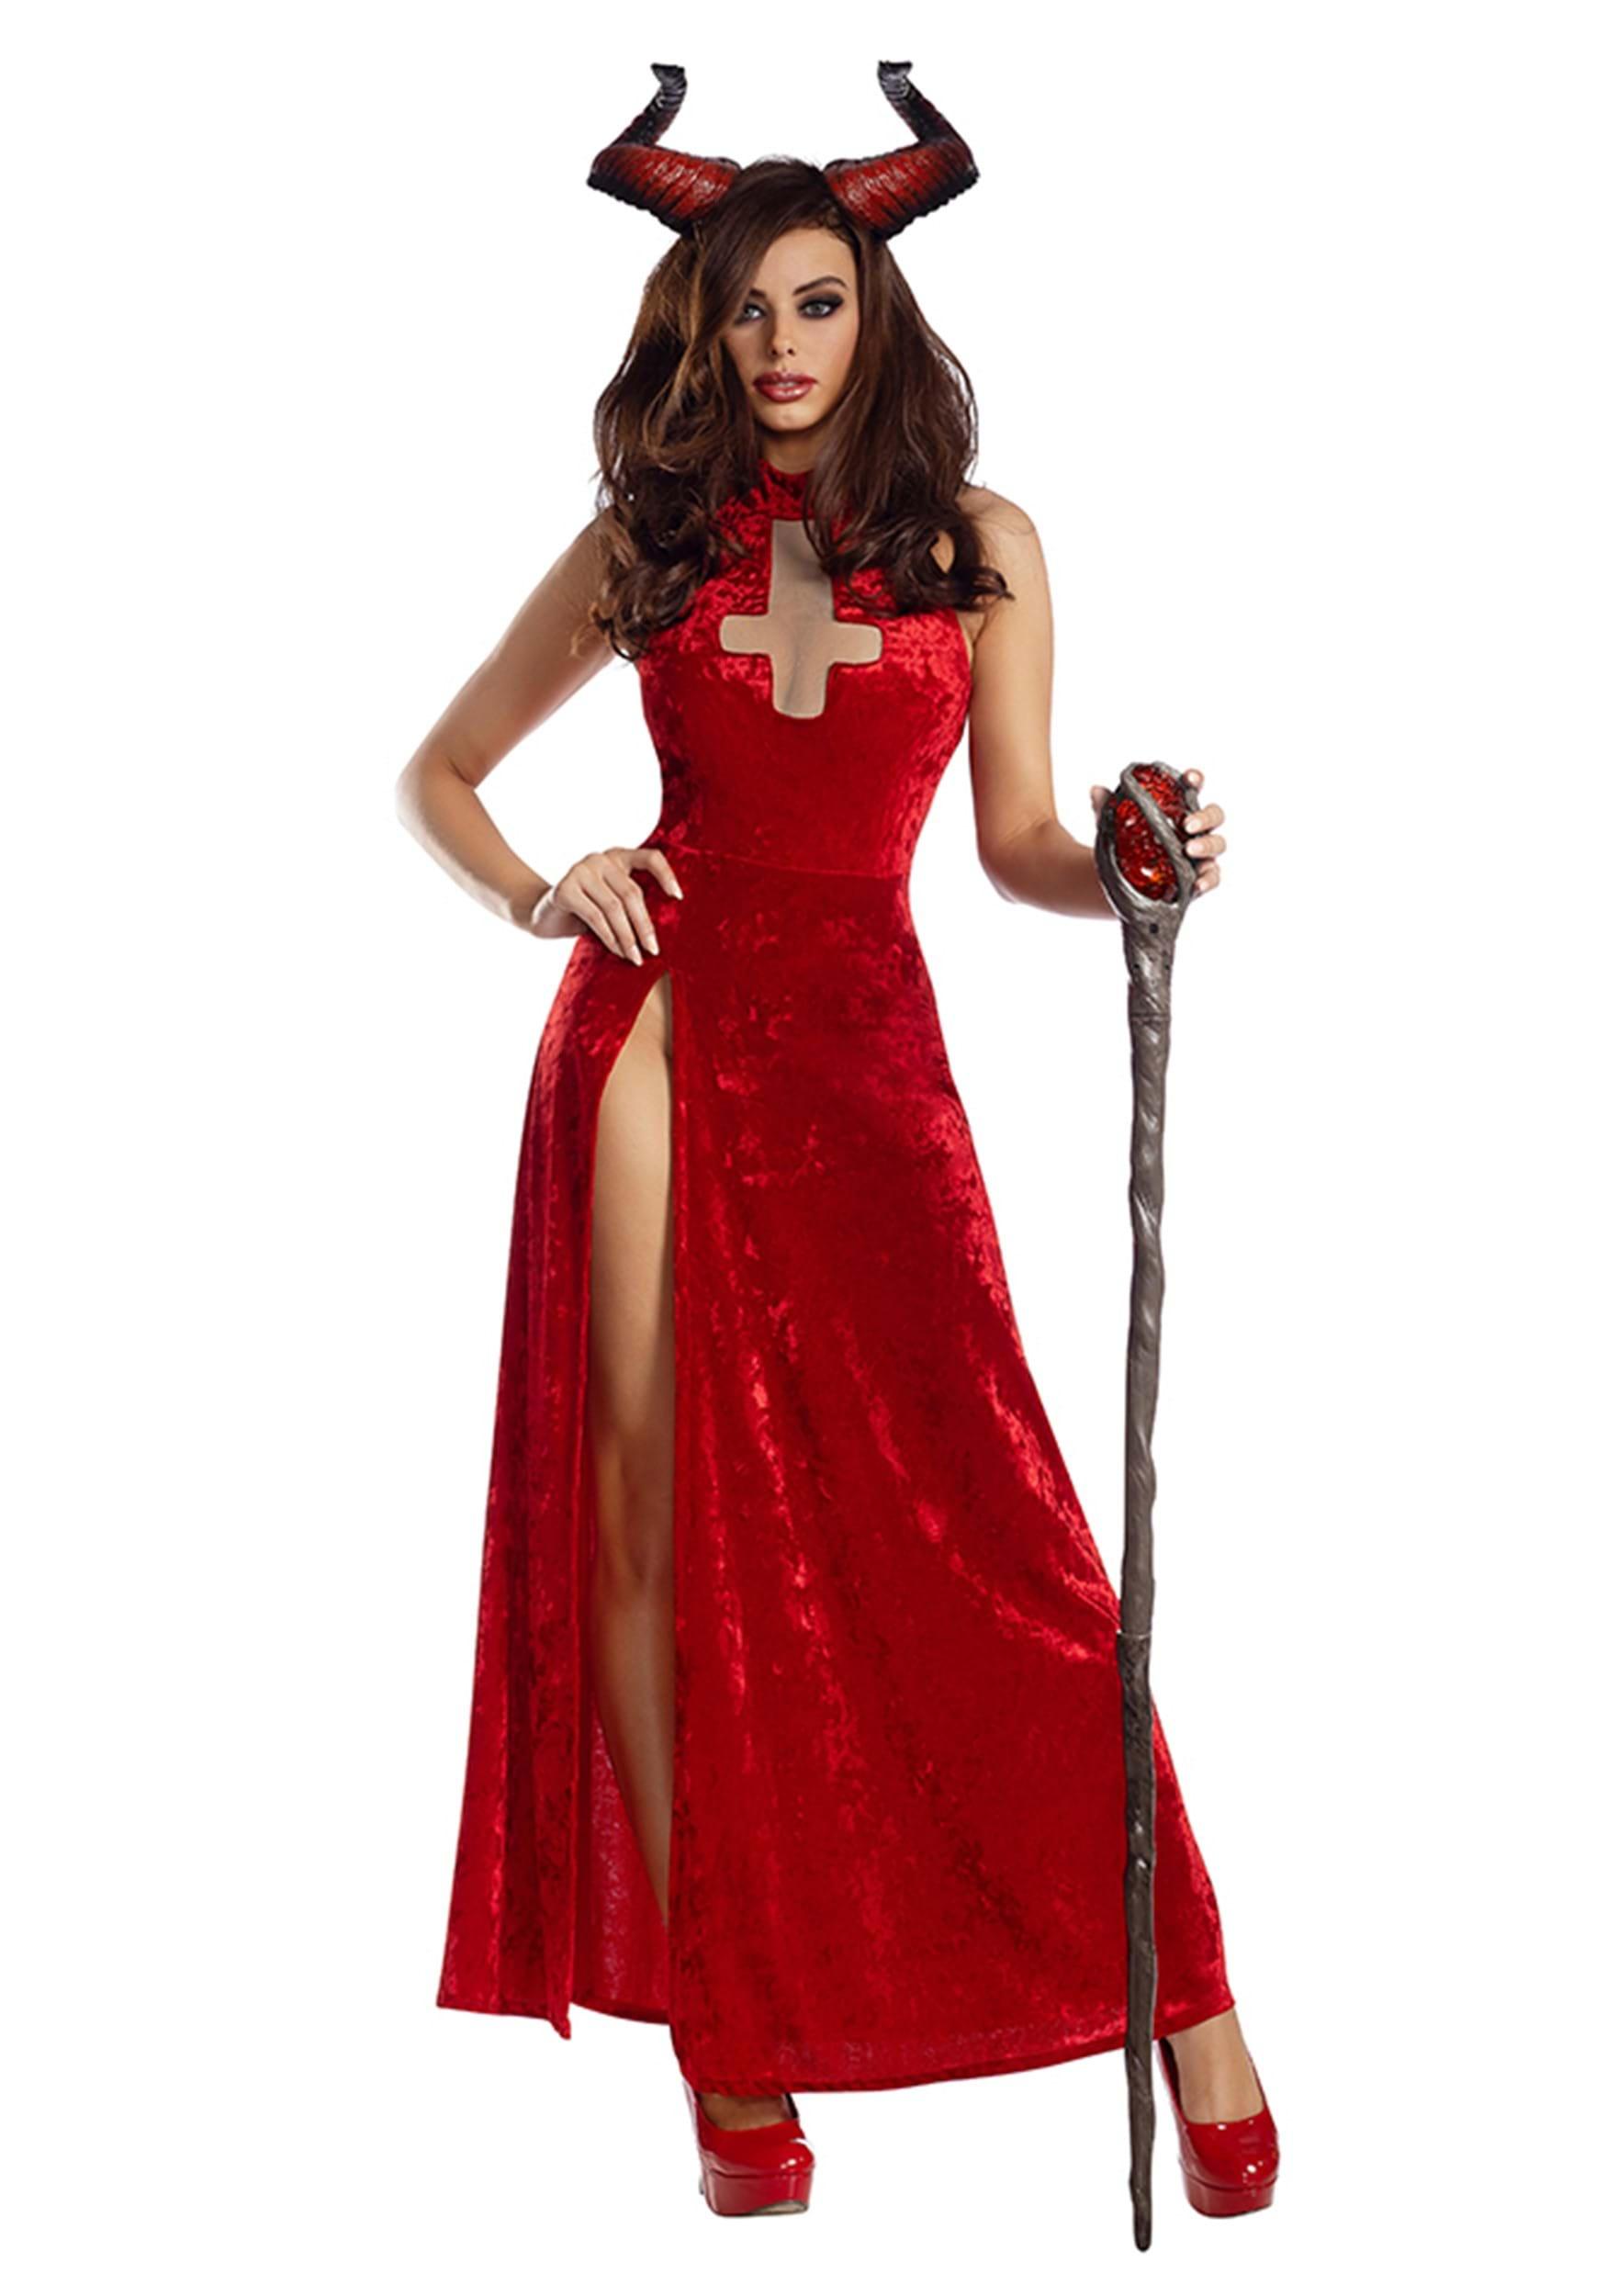 bad religion demon costume for women